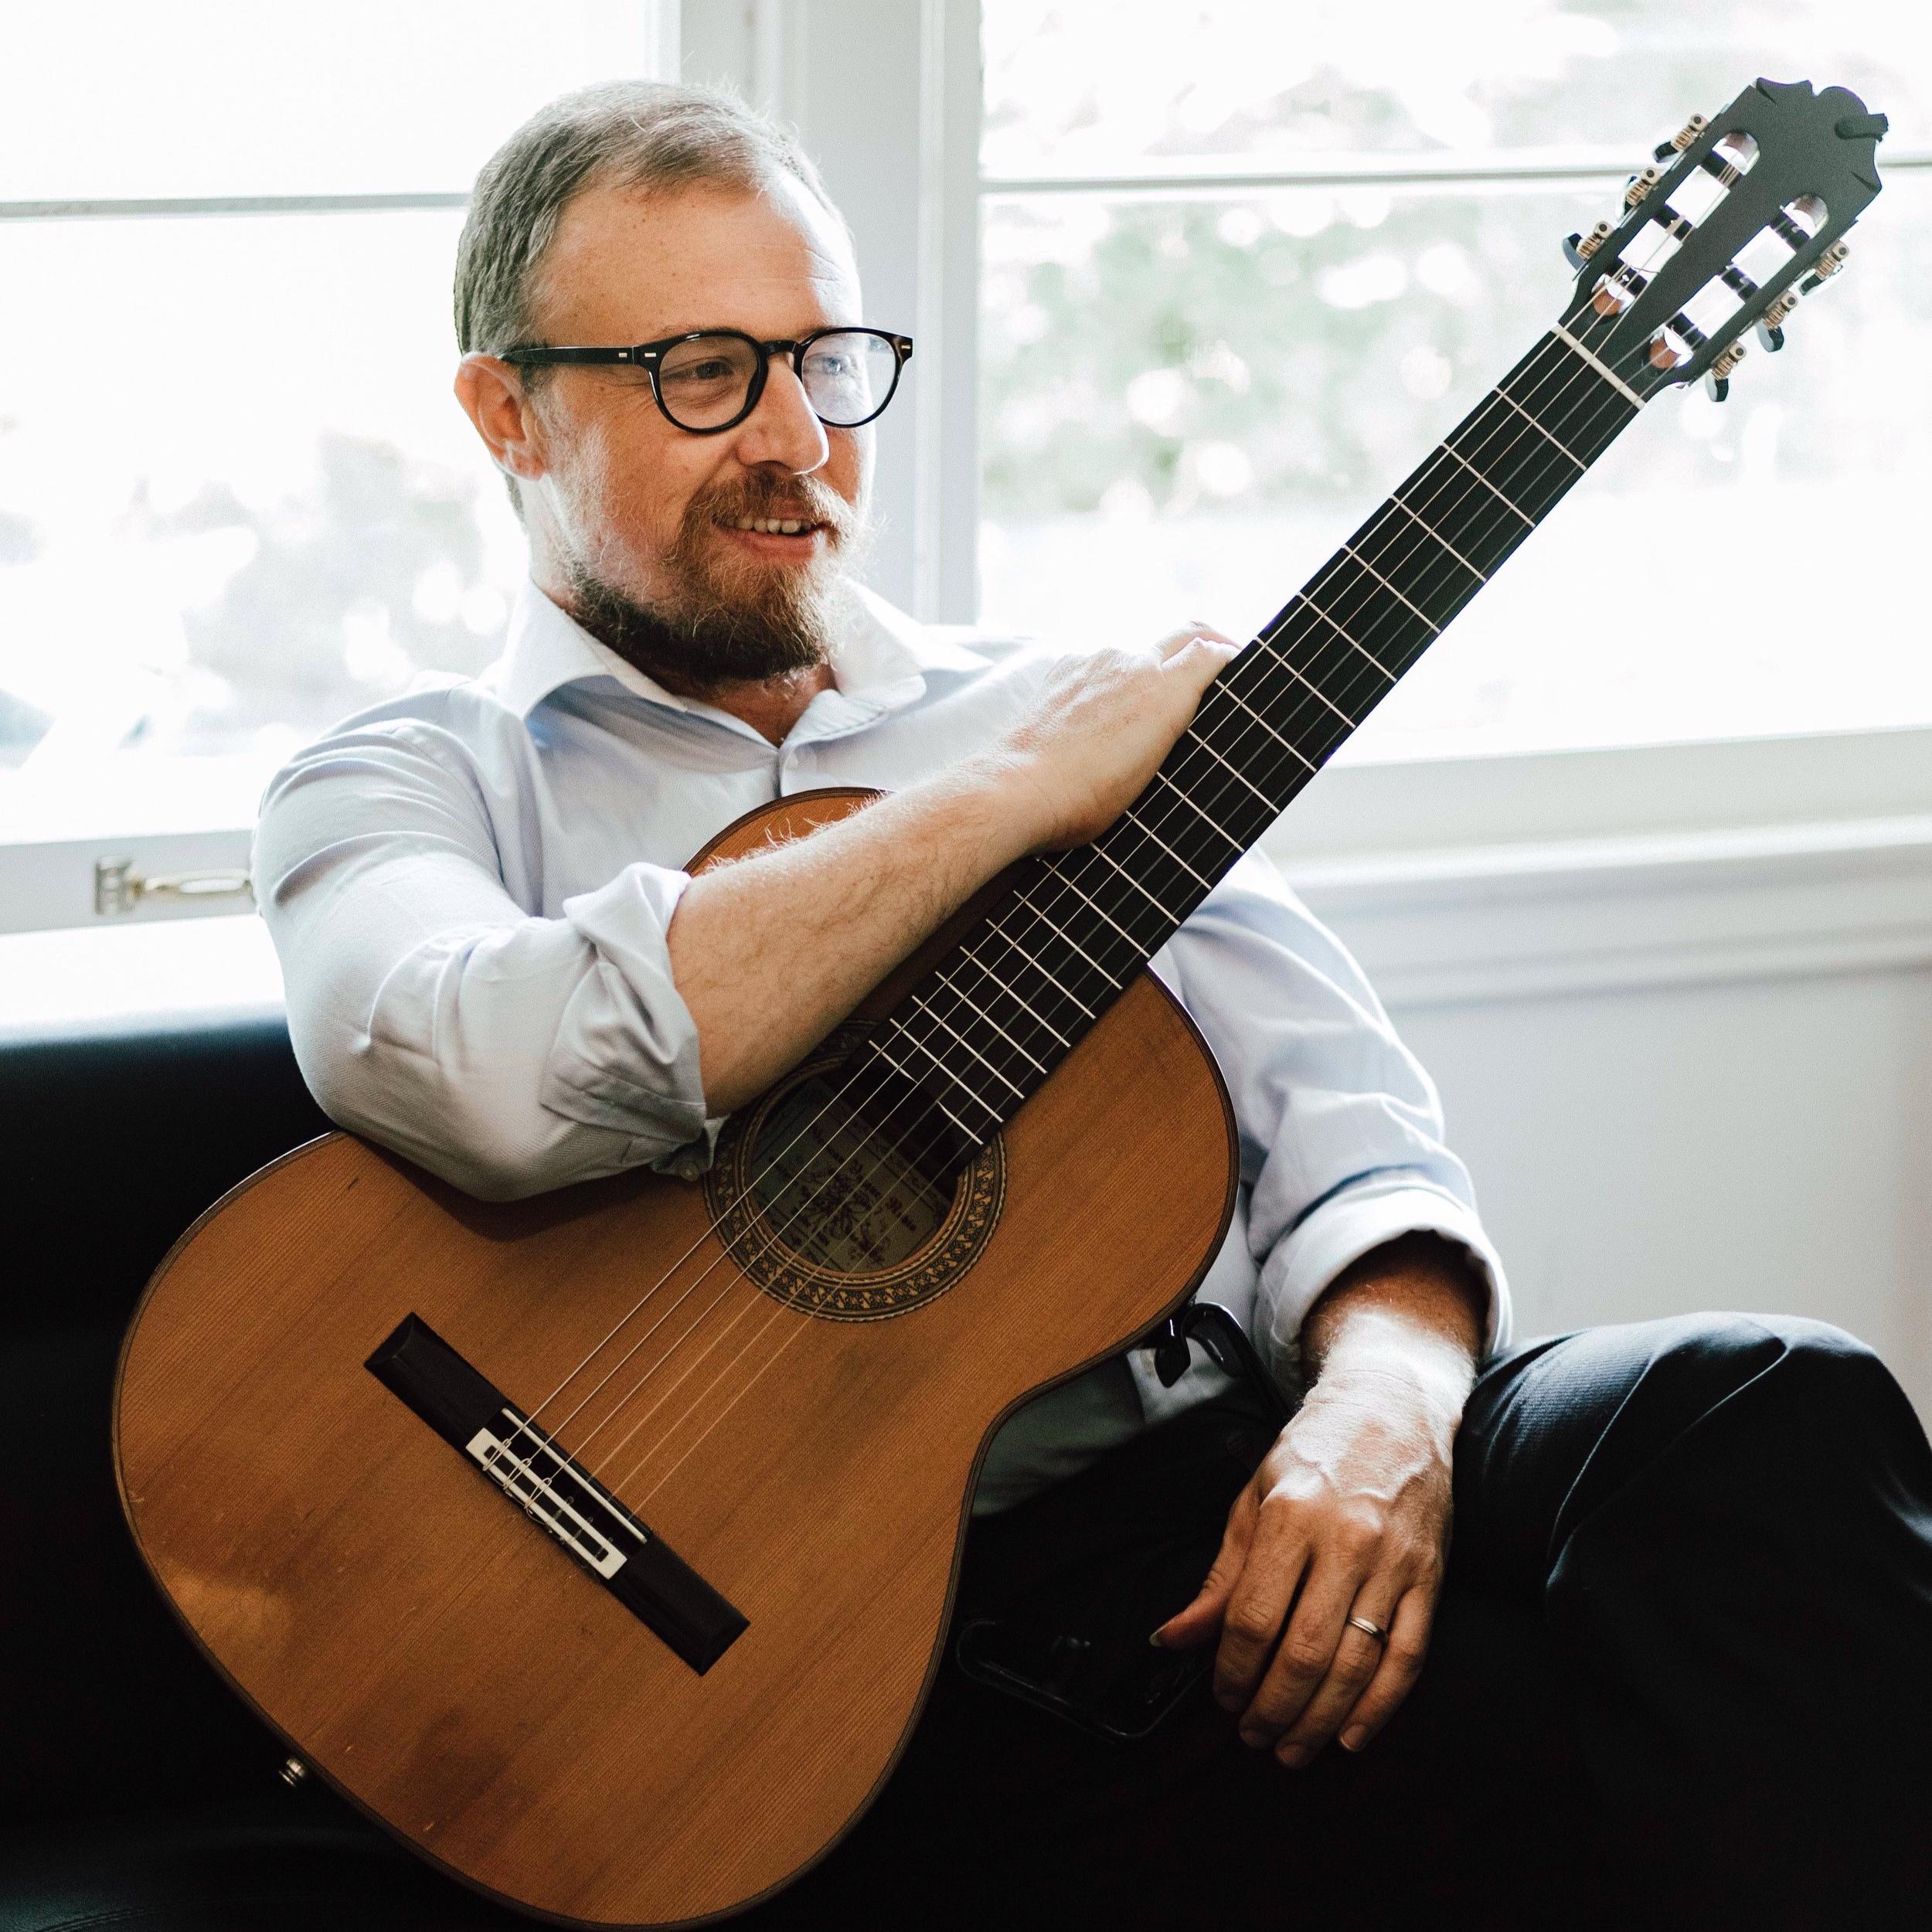 Guitarist- Ryan